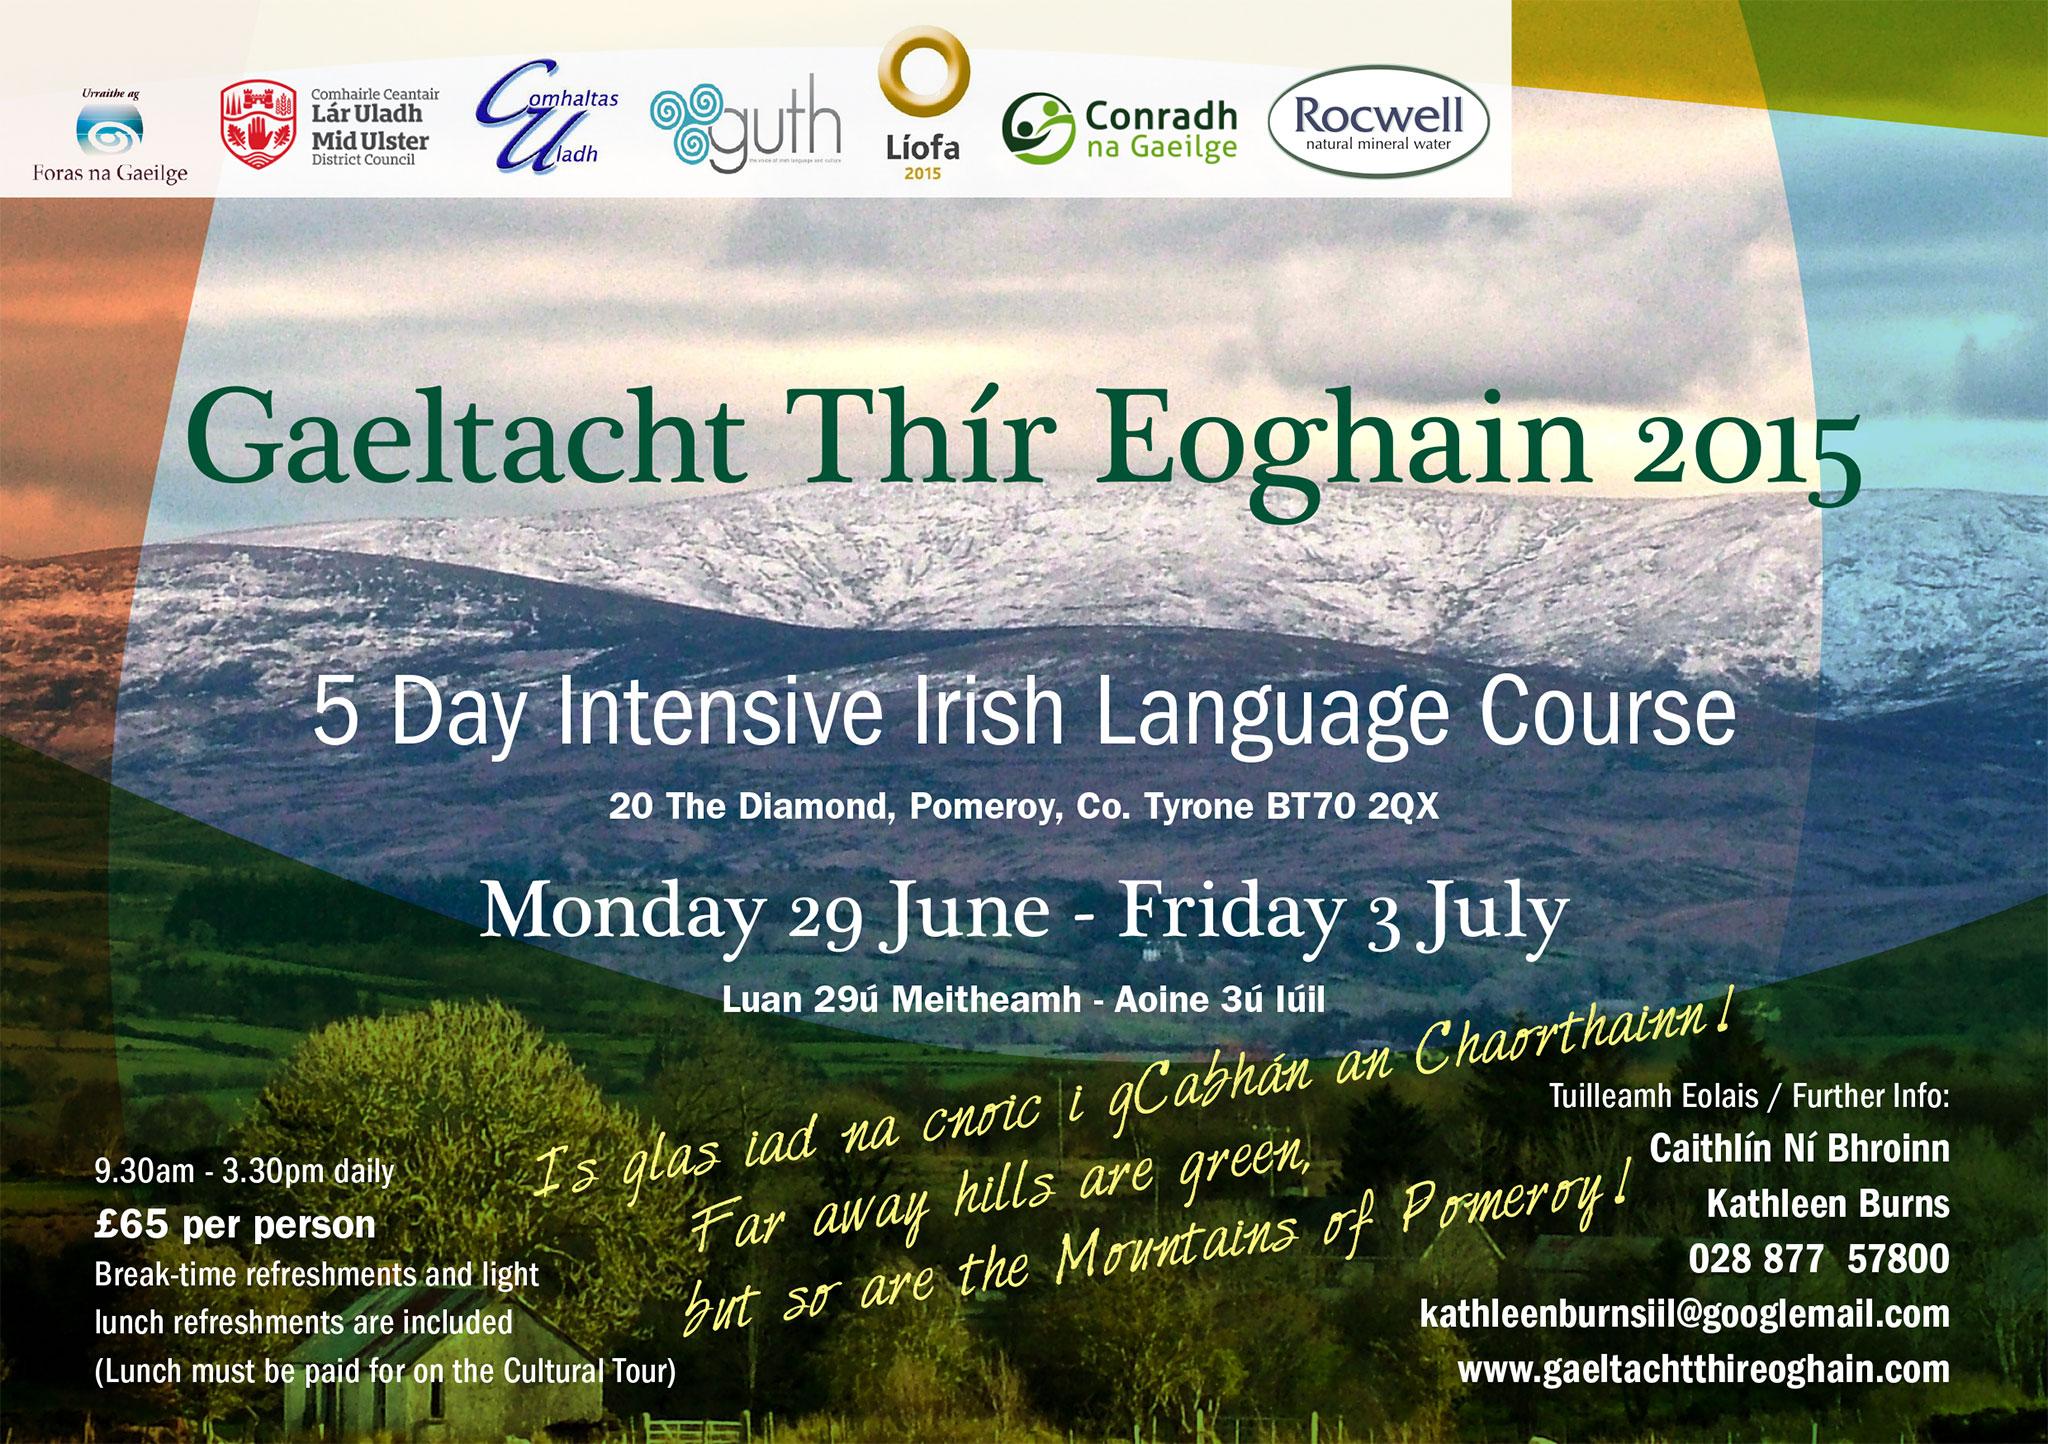 Gaeltacht Thír Eoghain 2015